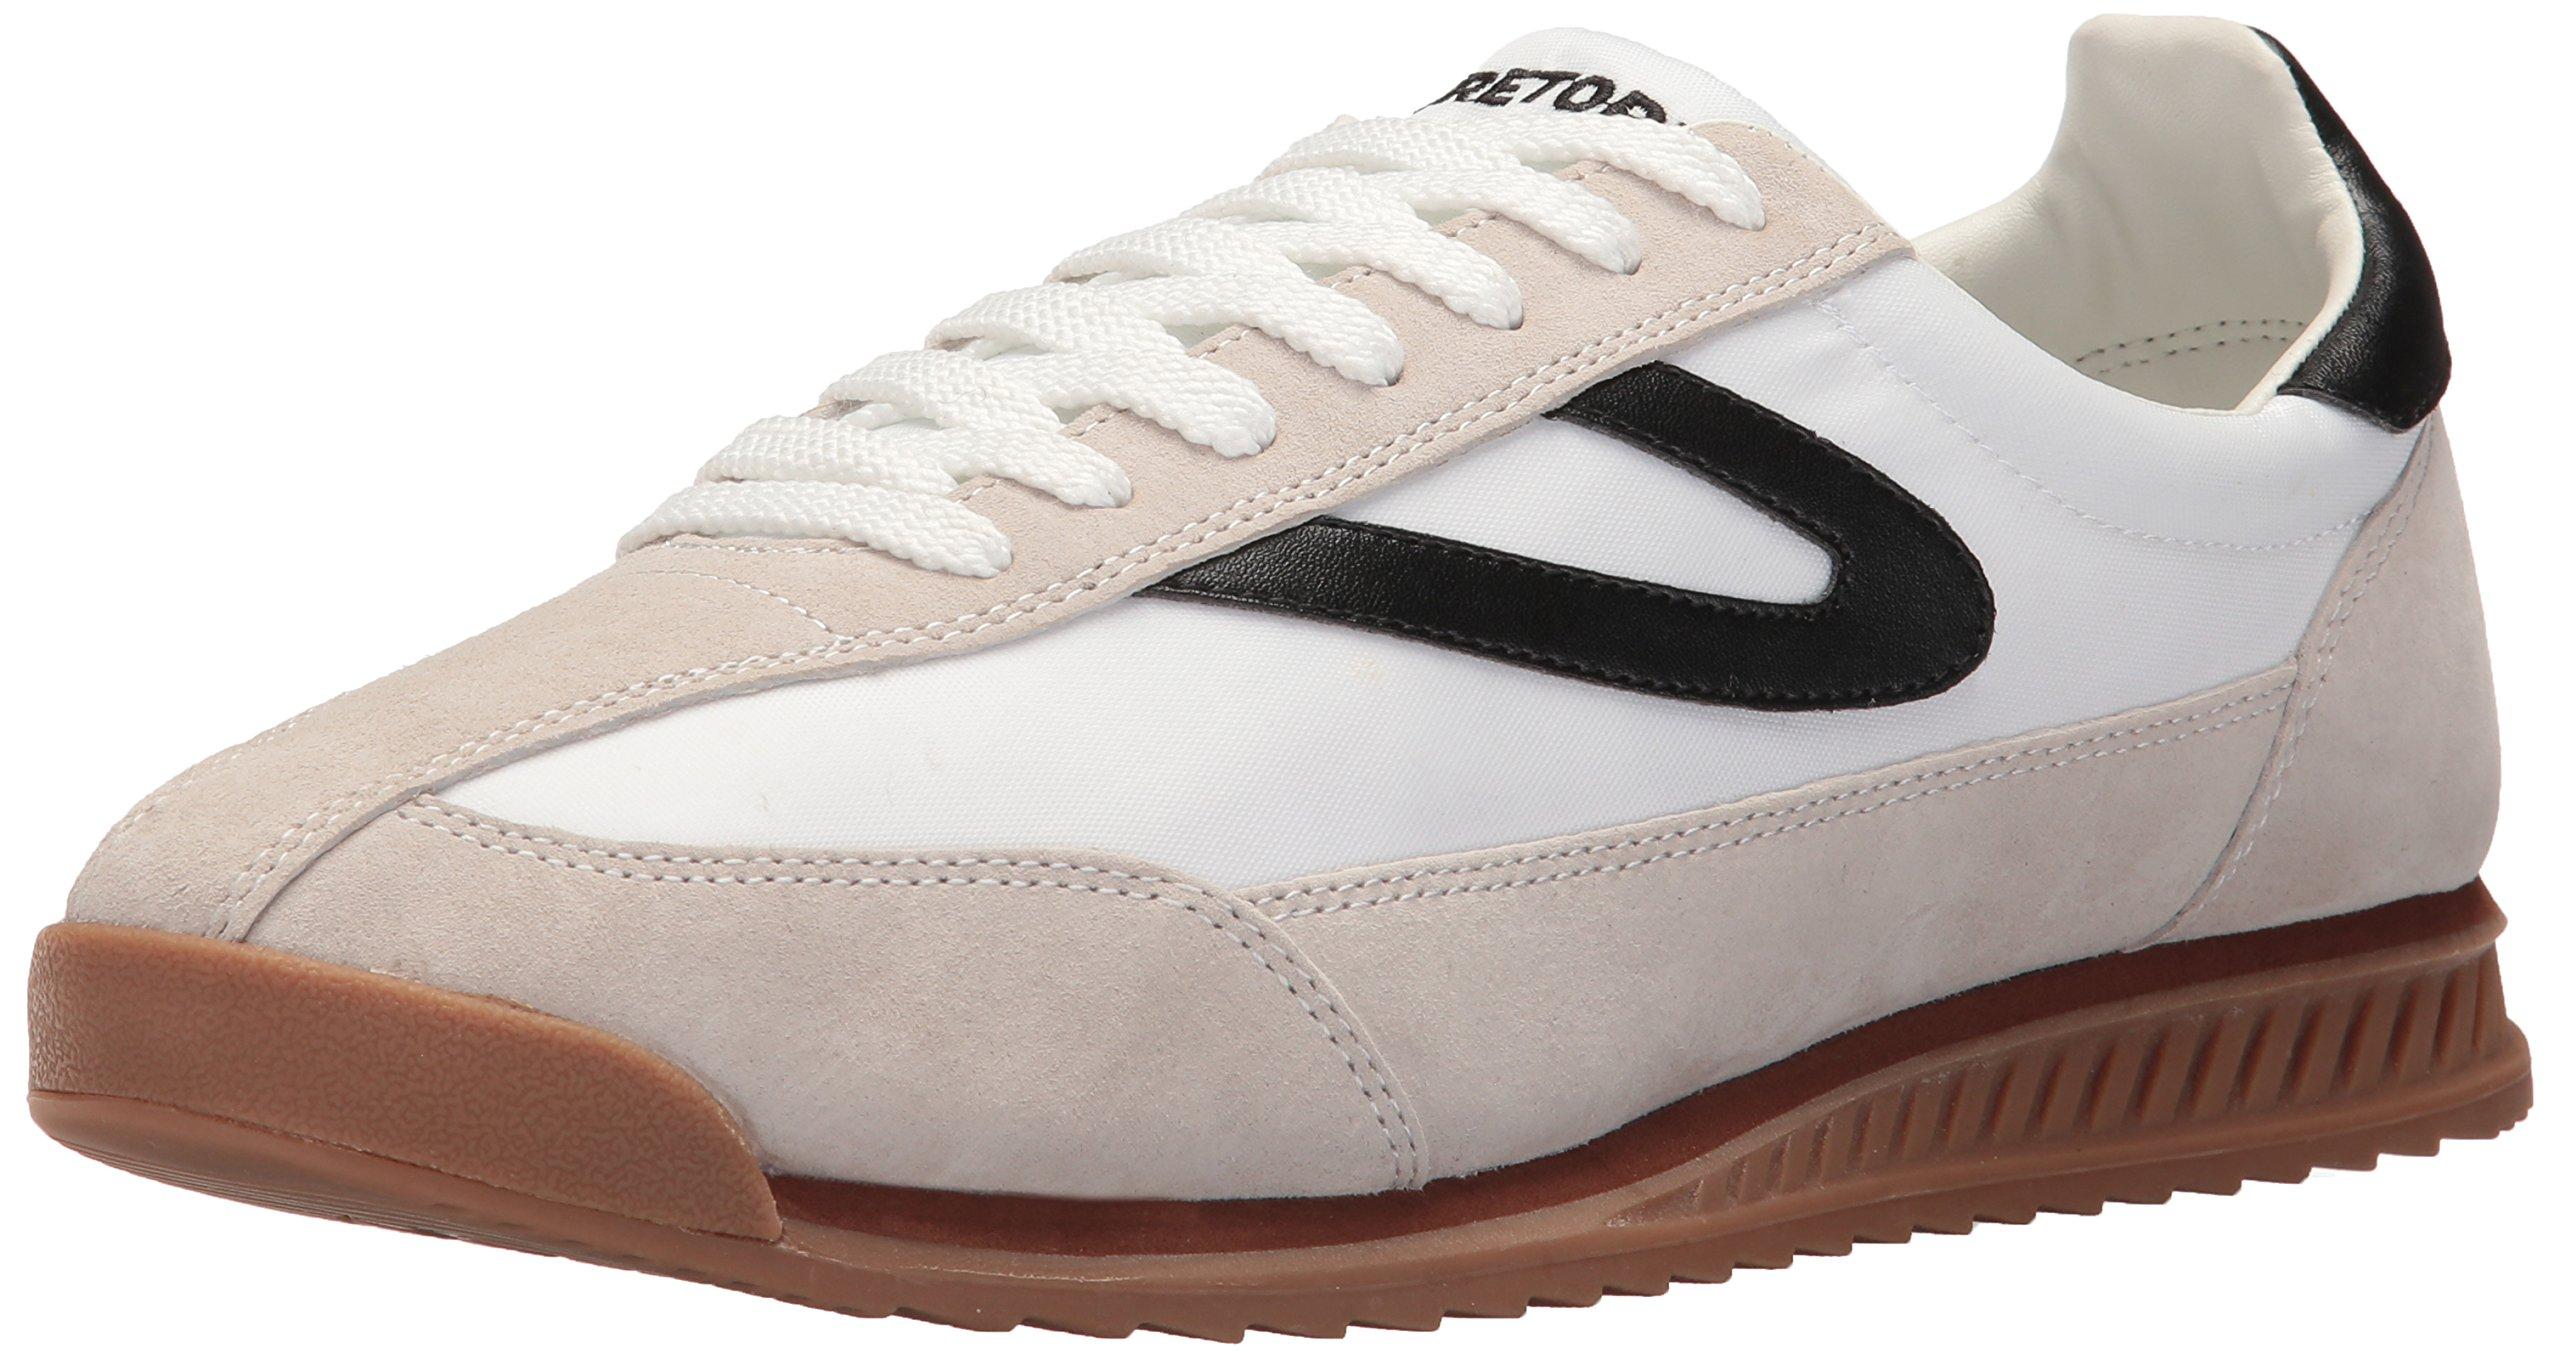 TRETORN Men's RAWLINGS7 Sneaker- Buy